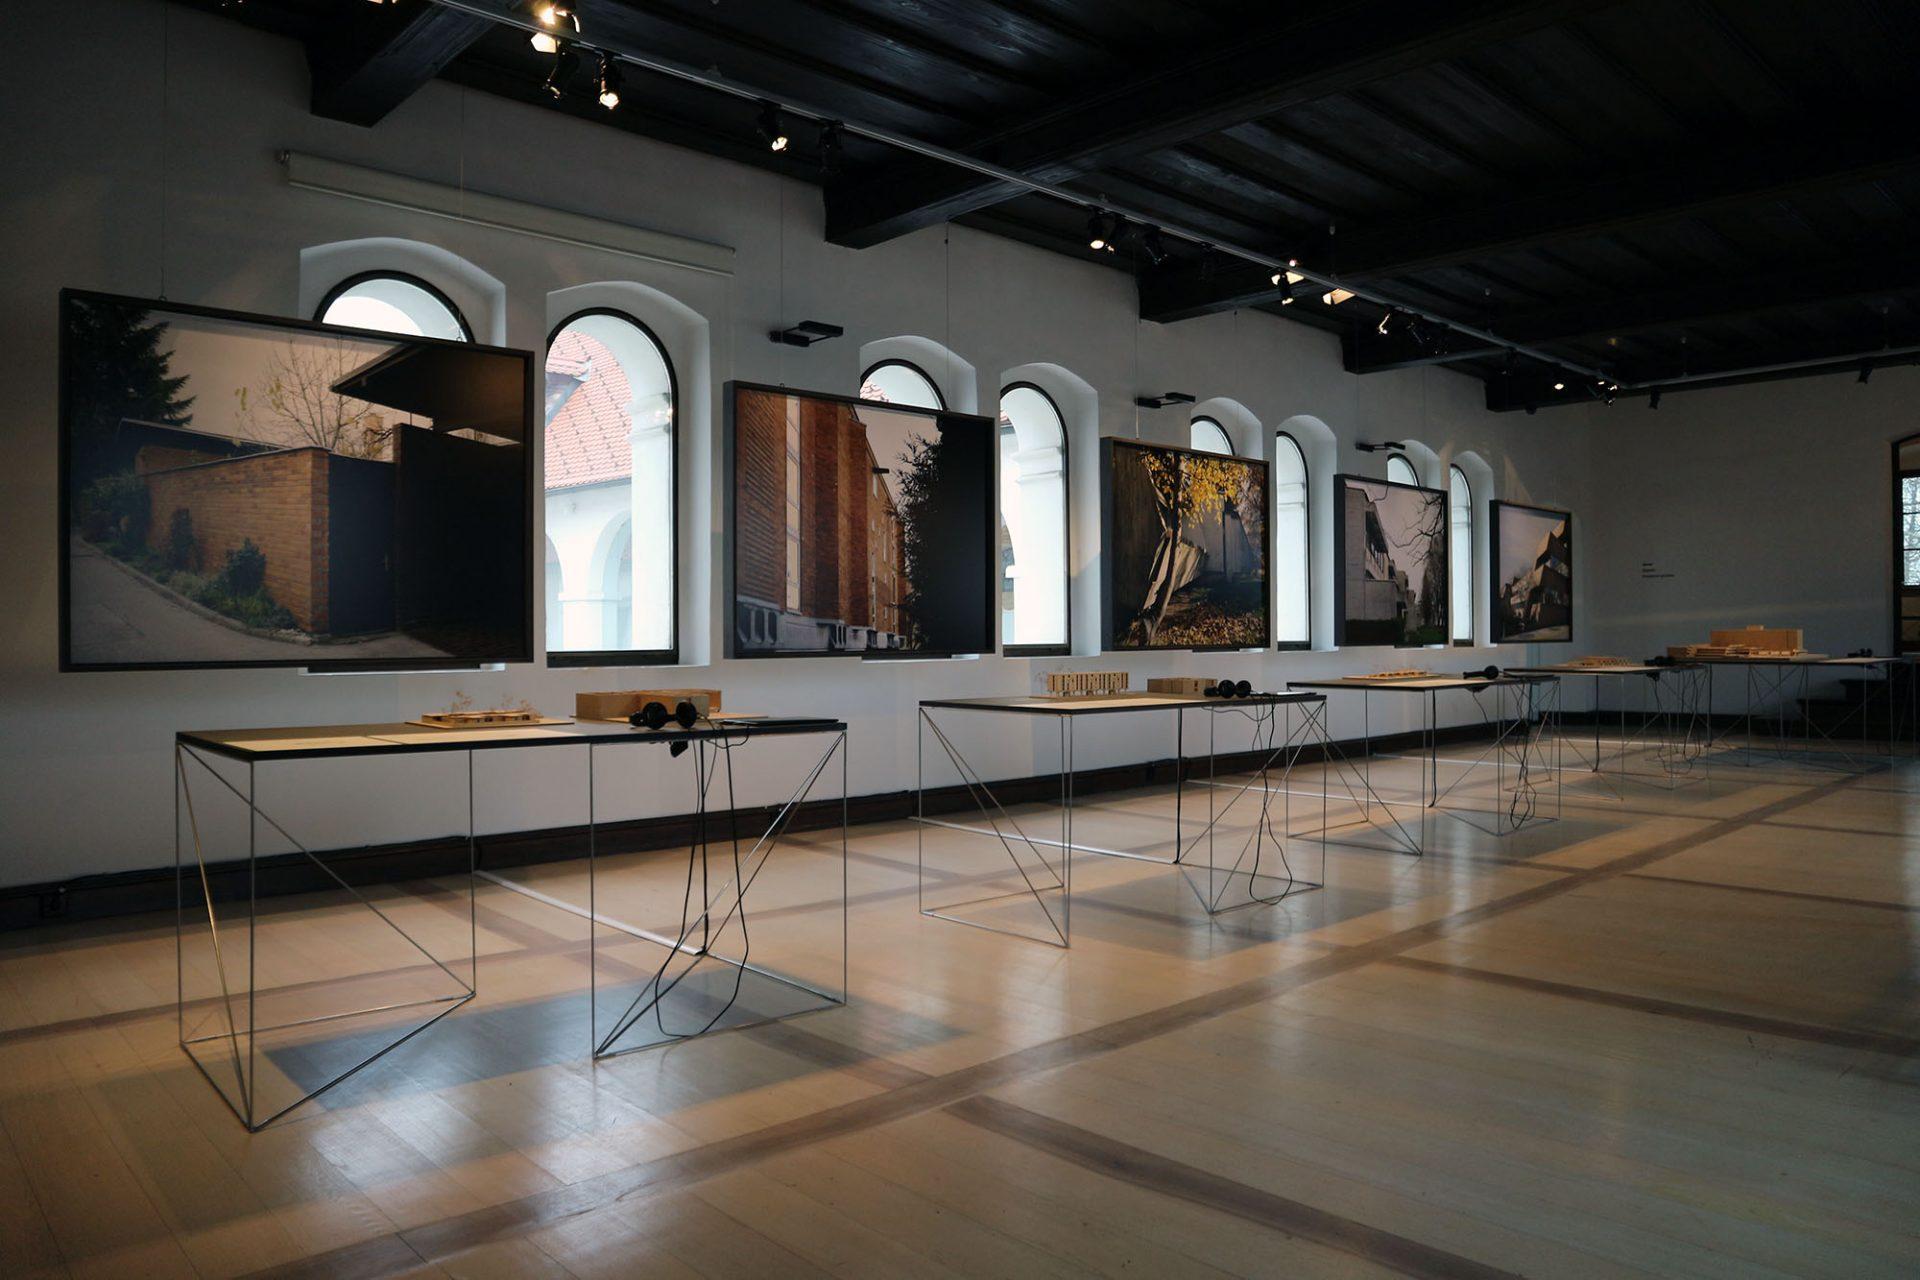 """""""Stanko Kristl, Architect – Humanity and Space"""". ... zeigen sie eine eigens für diese Ausstellung angefertigte Reihe von Modellen, Diagrammen und großformatigen Farbfotografien."""